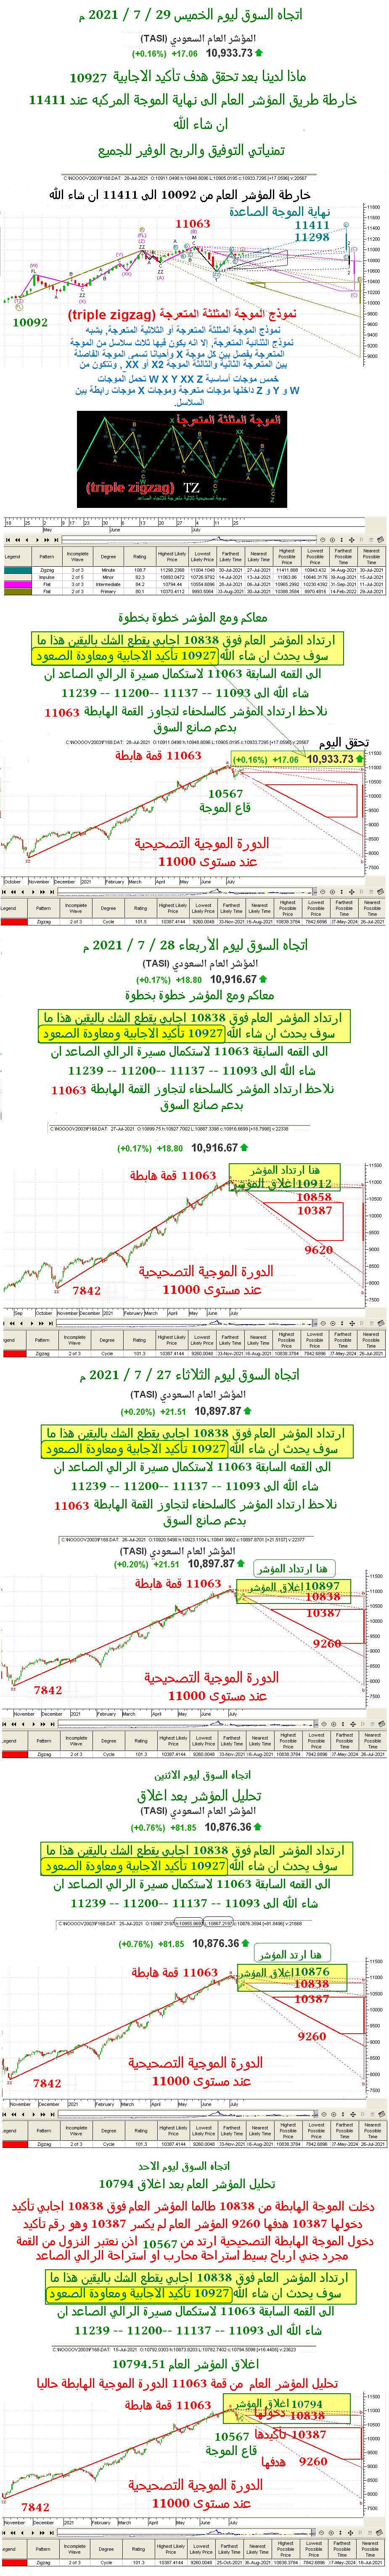 اتجاه السوق ليوم الخميس 29 / 7 / 2021 م مع خارطة المؤشر العام الى 11411